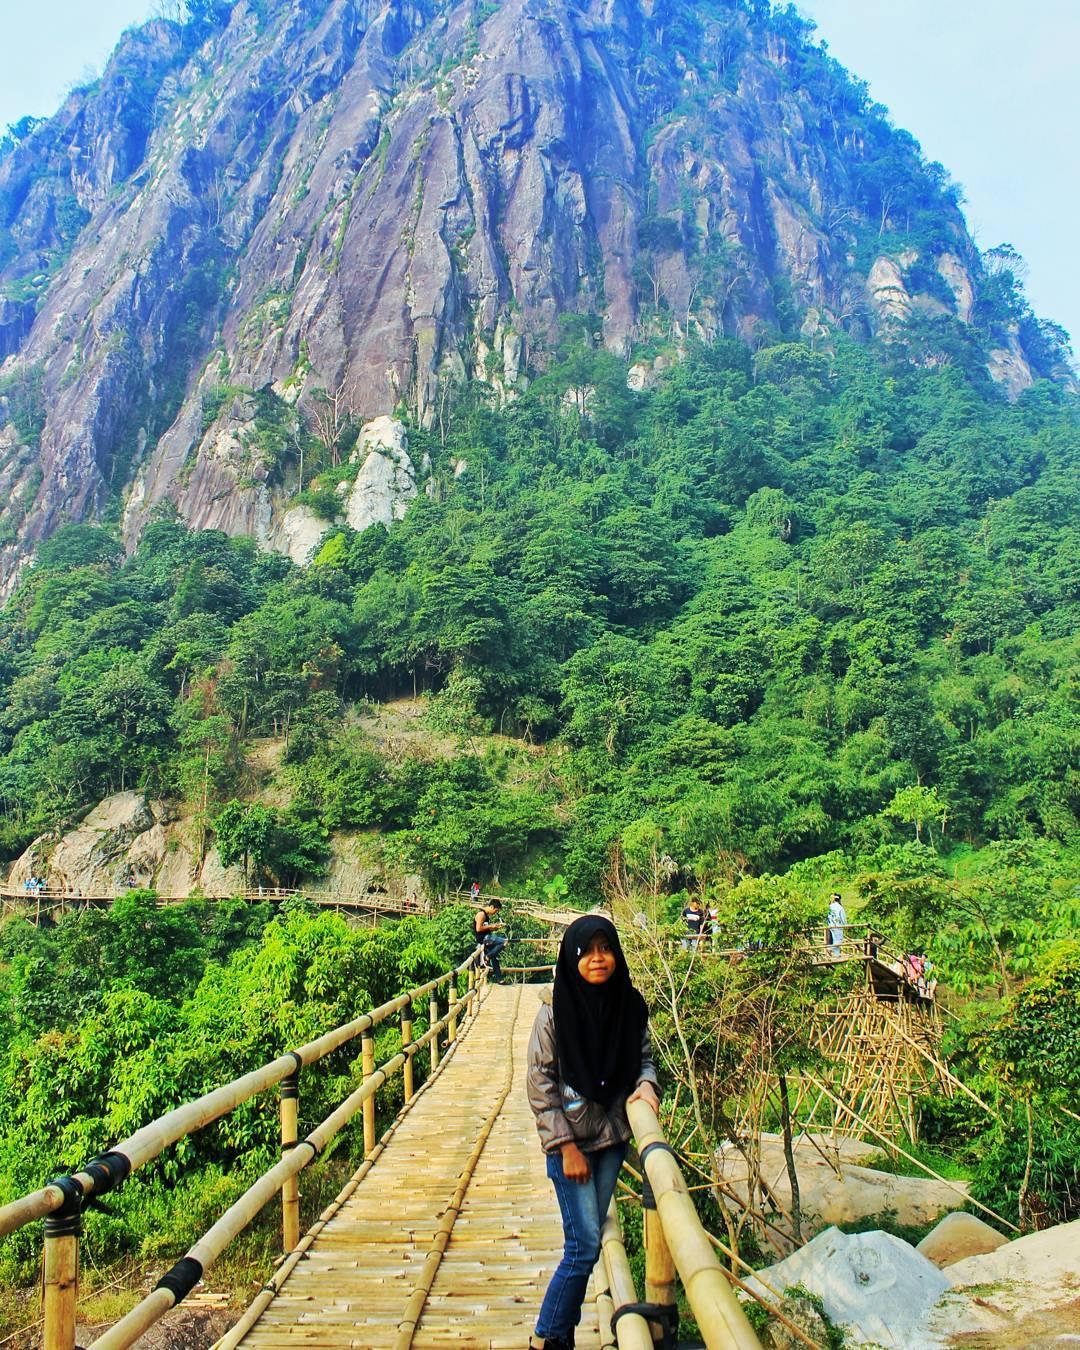 spot foto dengan background pemandangan gunung di sasak panyawangan purwakarta